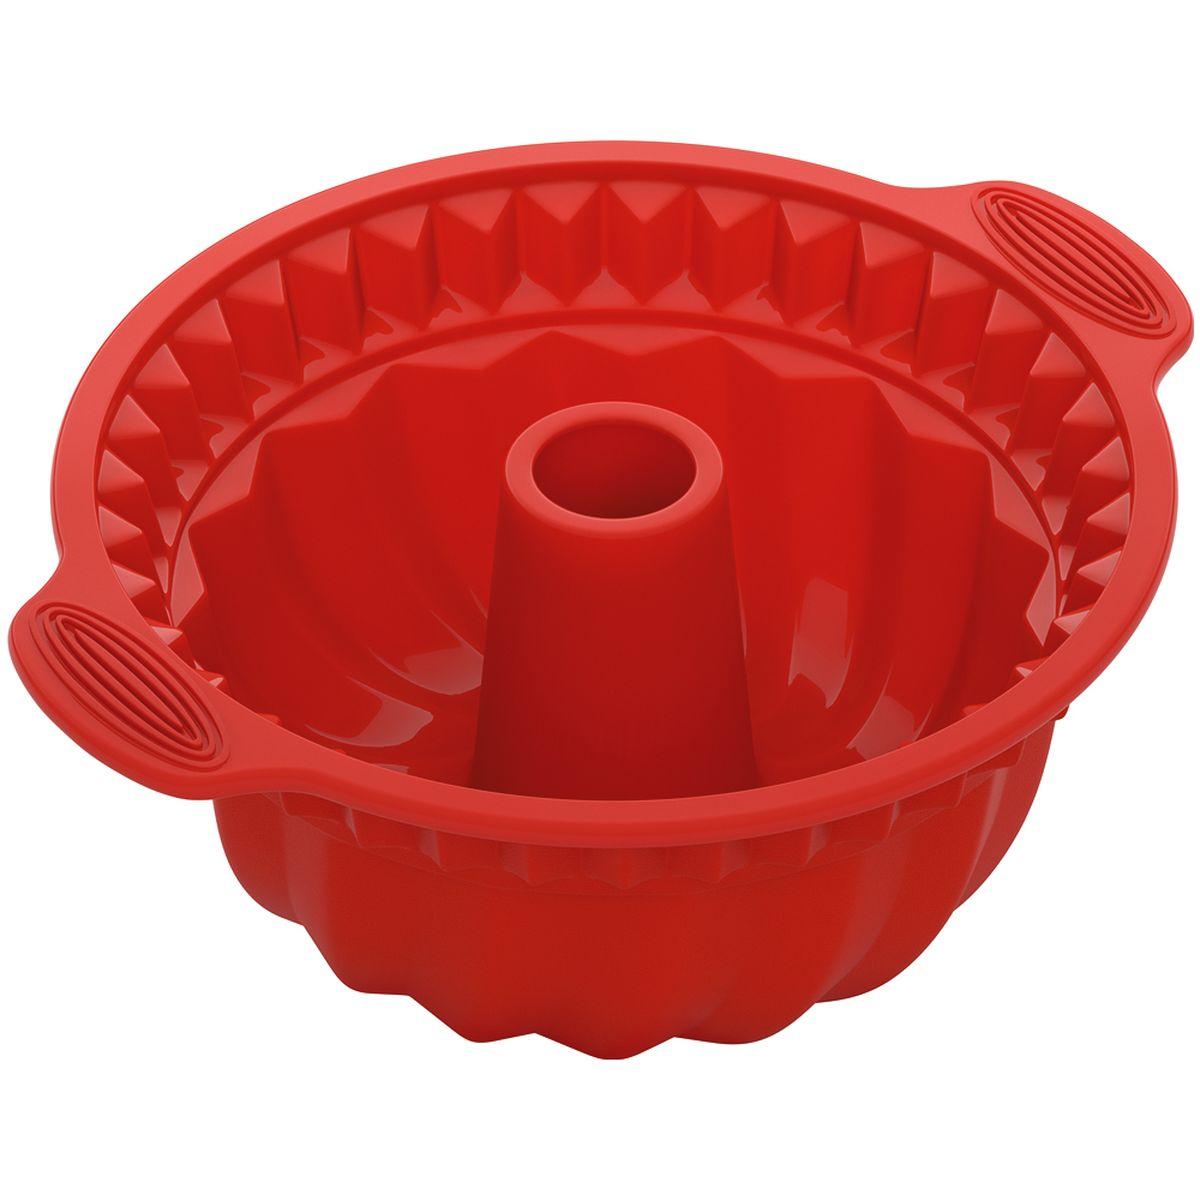 Форма Nadoba, для круглого кекса глубокая, силиконовая762019Высококачественный жаропрочный силикон, стандарт LFGB (Германия), не белеет. Рабочие температуры: от 40 до 230 °С. Выпечка легко вынимается и не пригорает. Формы легко моются и их удобно хранить в сложенном виде.